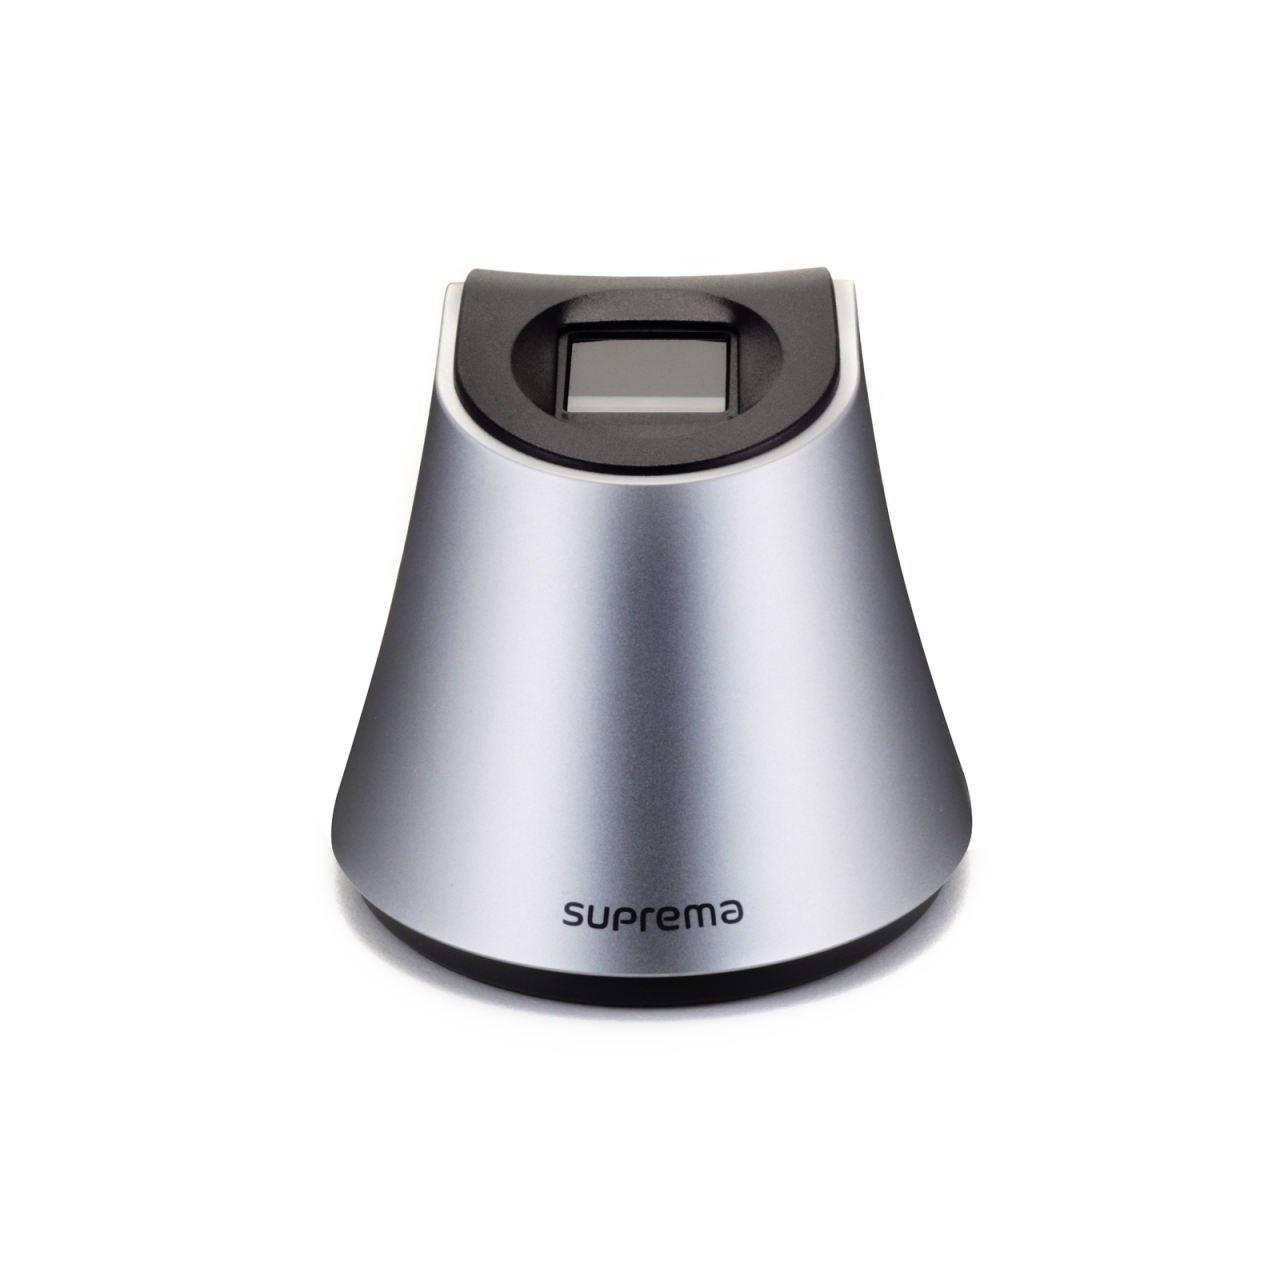 تصویر دستگاه اسکنر اثر انگشت سوپریما مدل BioMini 410 Suprema BioMini 410 Fingerprint Scanner